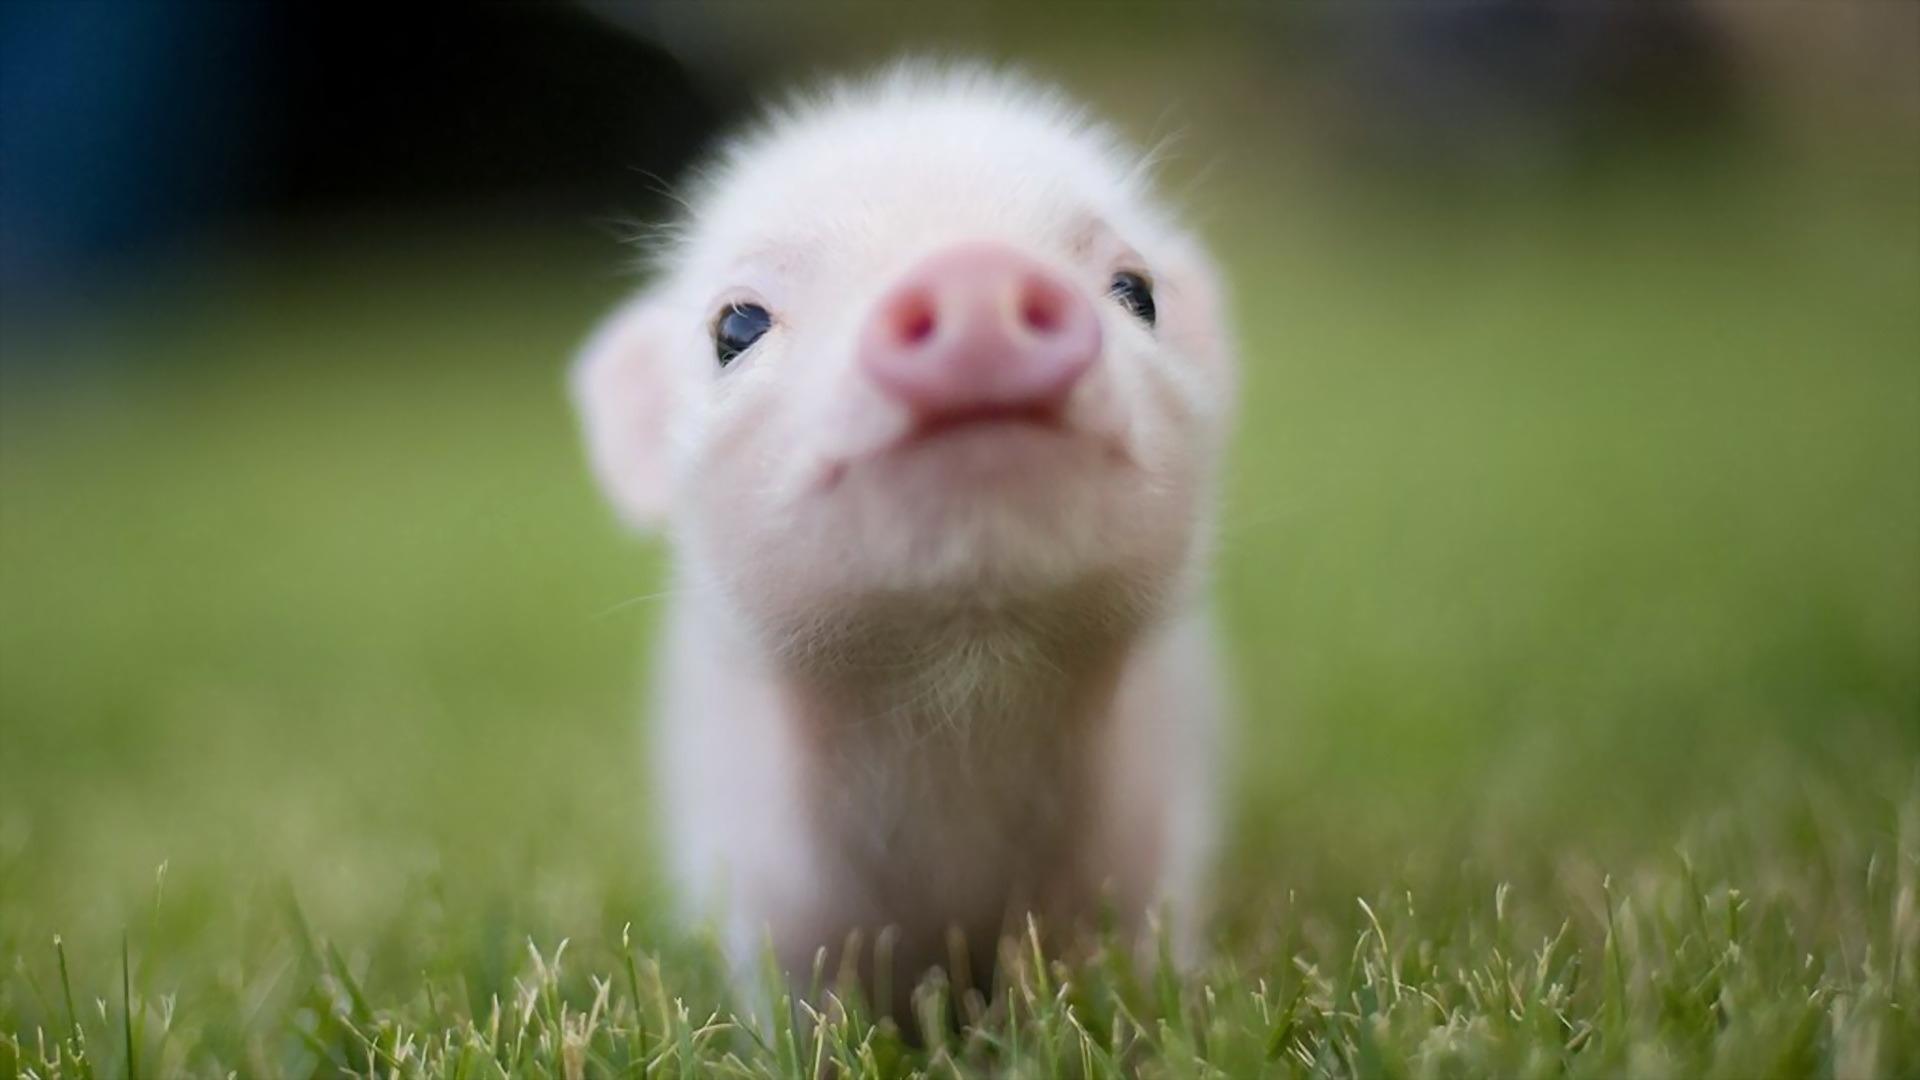 免費壁紙40520:动物, 猪 下載手機圖片